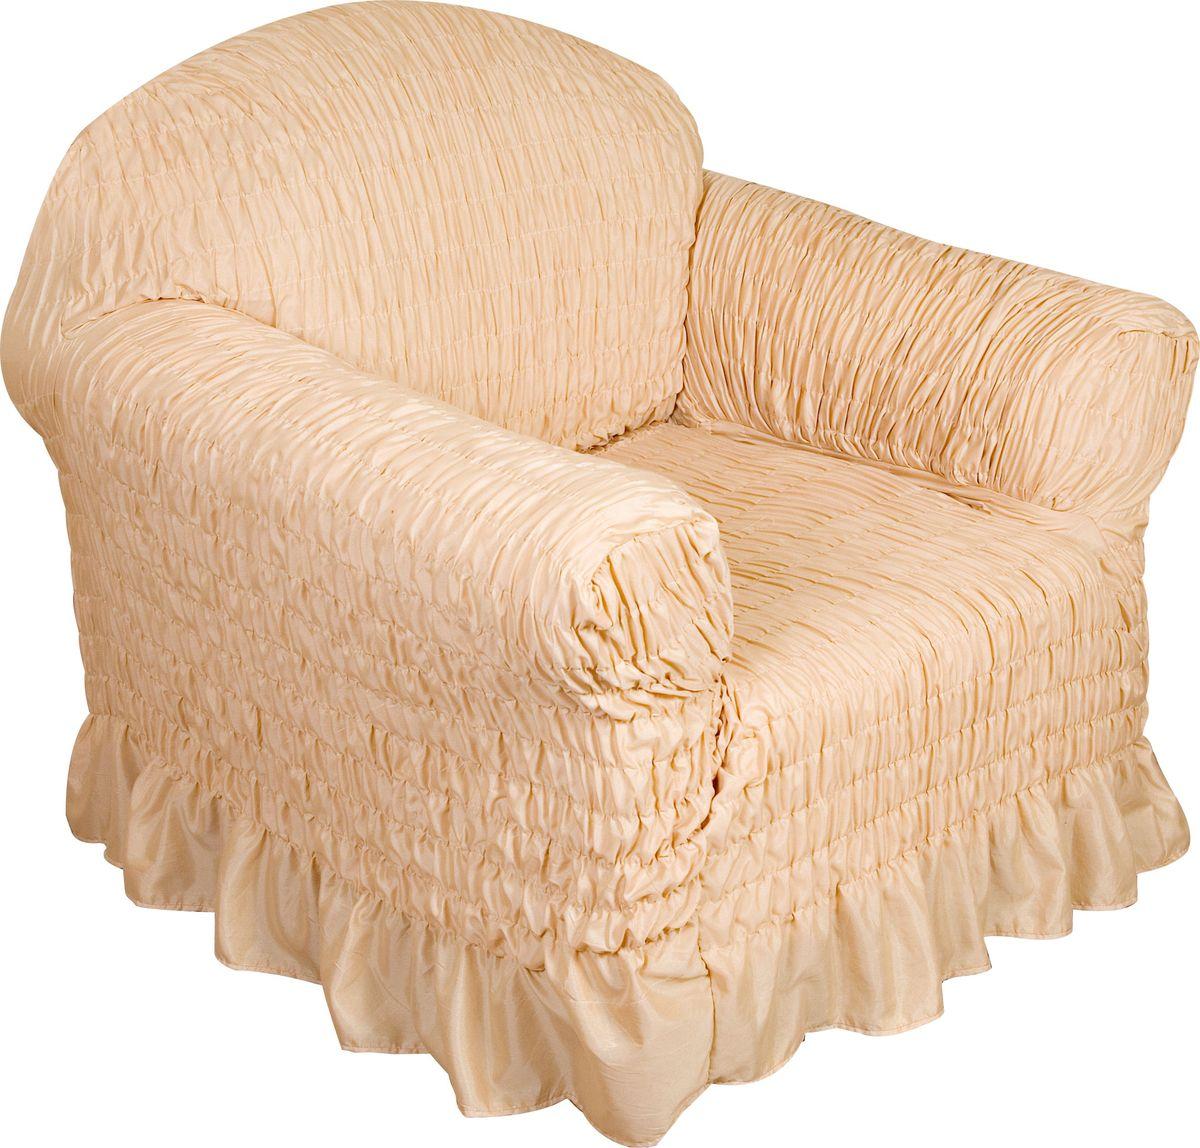 Чехол на кресло Медежда Дэйзи, цвет: бежевый1401101103000Чехол на кресло Медежда Дэйзисостоит из двух слоев: один слой микрофибра, второй слой -трикотаж. Одновременно воздушный и плотный, чехол не просвечивает, не сползает даже соскользких кожаных диванов. Чехол Дэйзи создаст новый стиль в вашем доме, добавит шарм и индивидуальность.